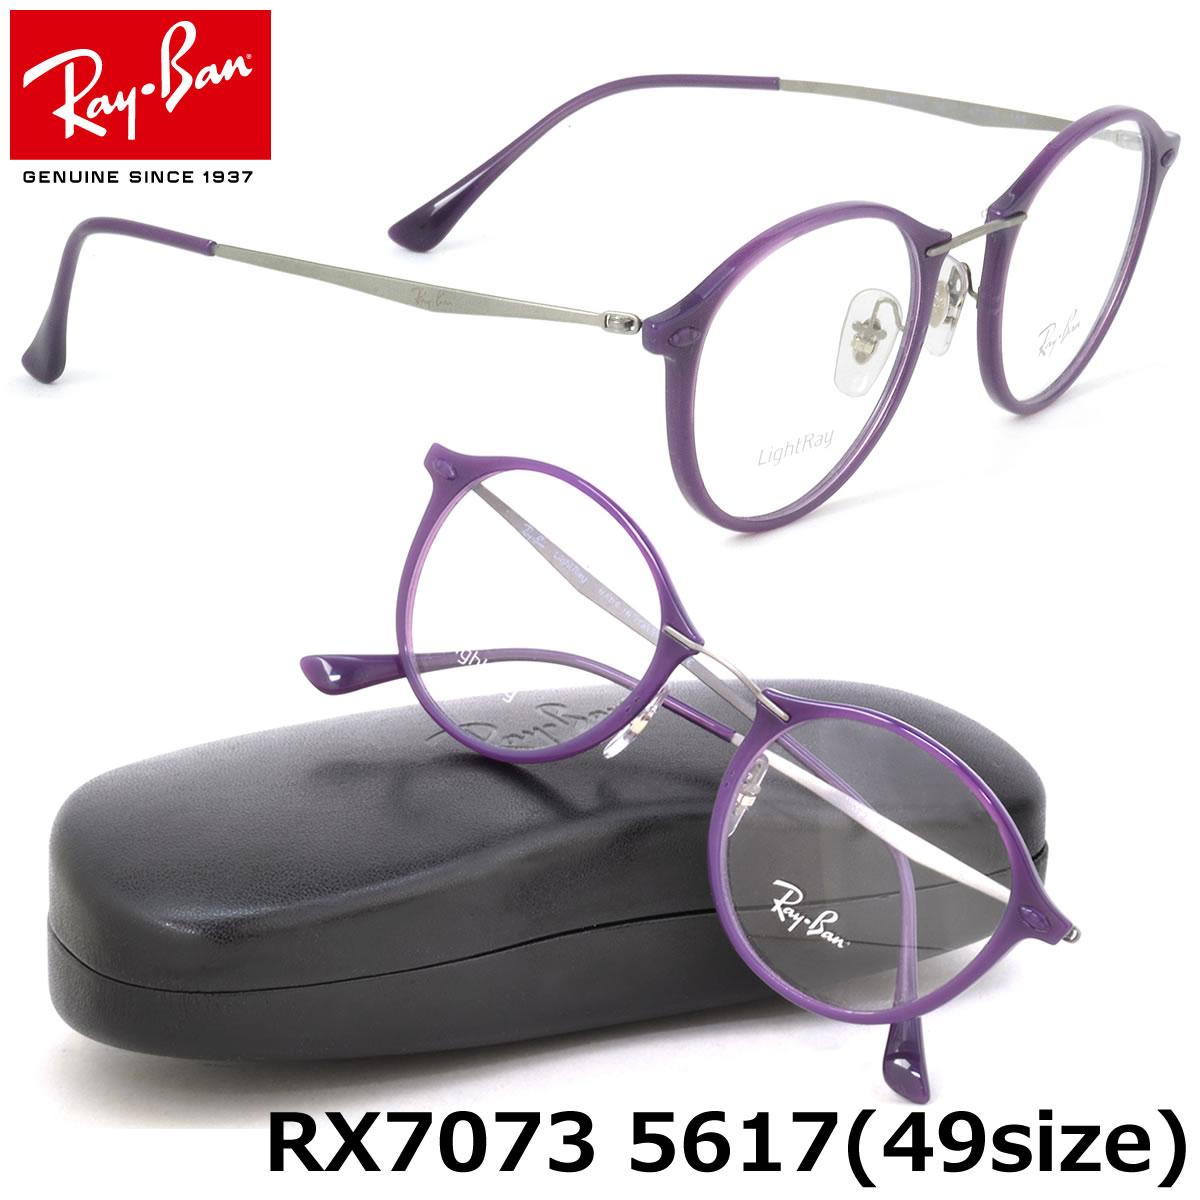 【10月30日からエントリーで全品ポイント20倍】レイバン テック ライトレイ メガネ フレーム Ray-Ban RX7073 5617 49サイズ ラウンド 丸メガネ フレーム ROUND レイバン RAYBAN TECH ROUND LIGHT RAY メンズ レディース